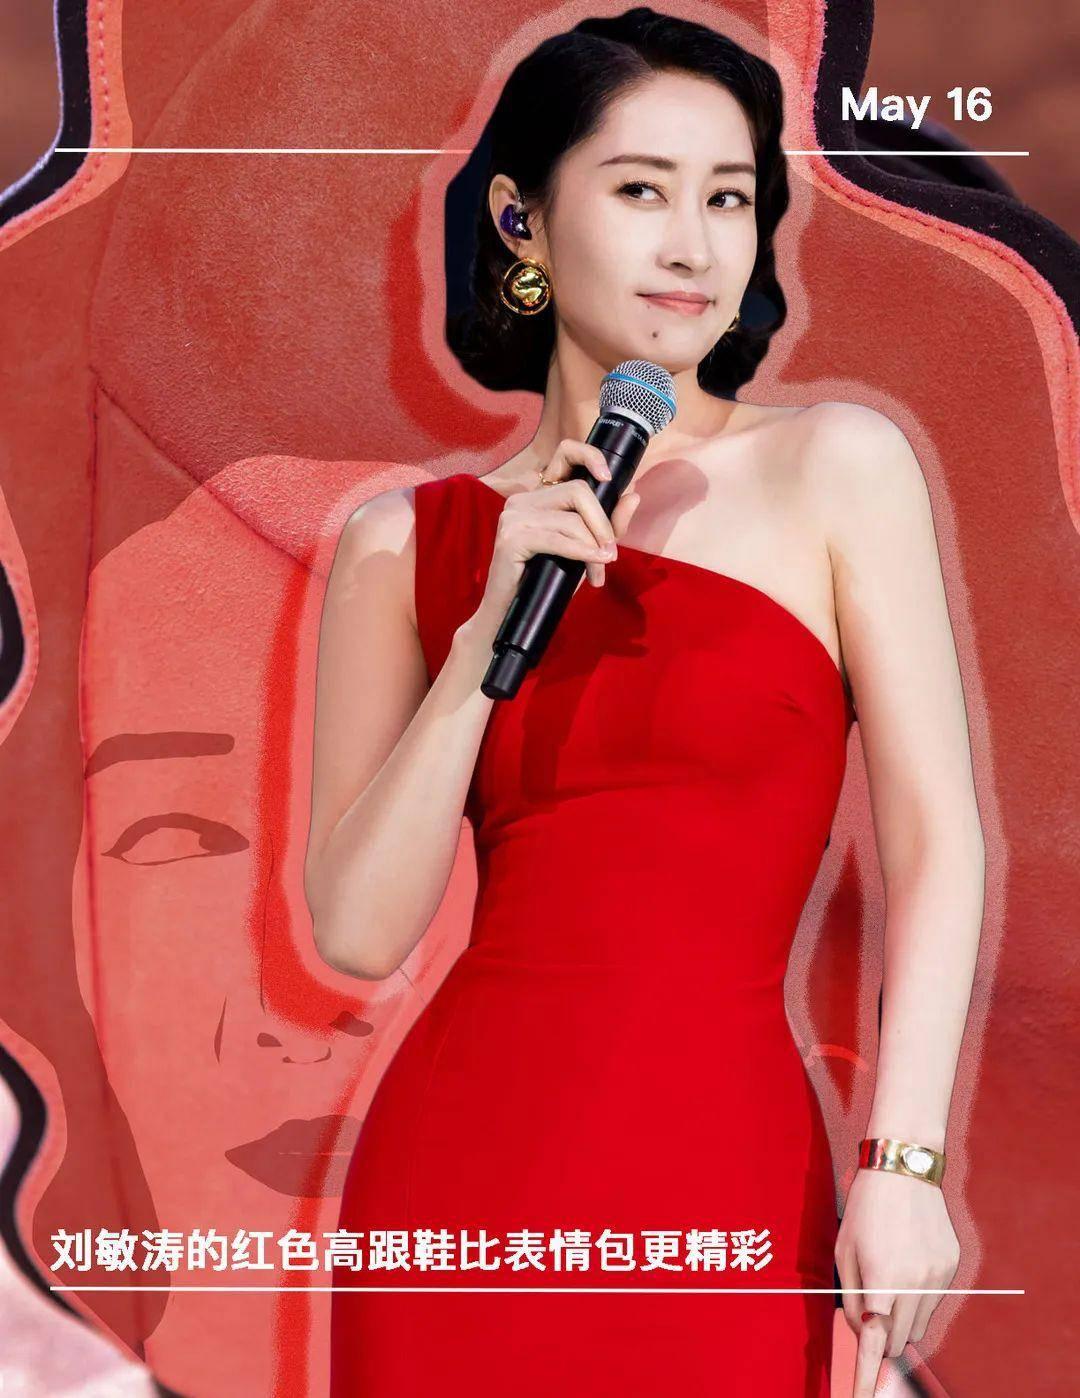 刘敏涛的红色高跟鞋比表情包更精彩